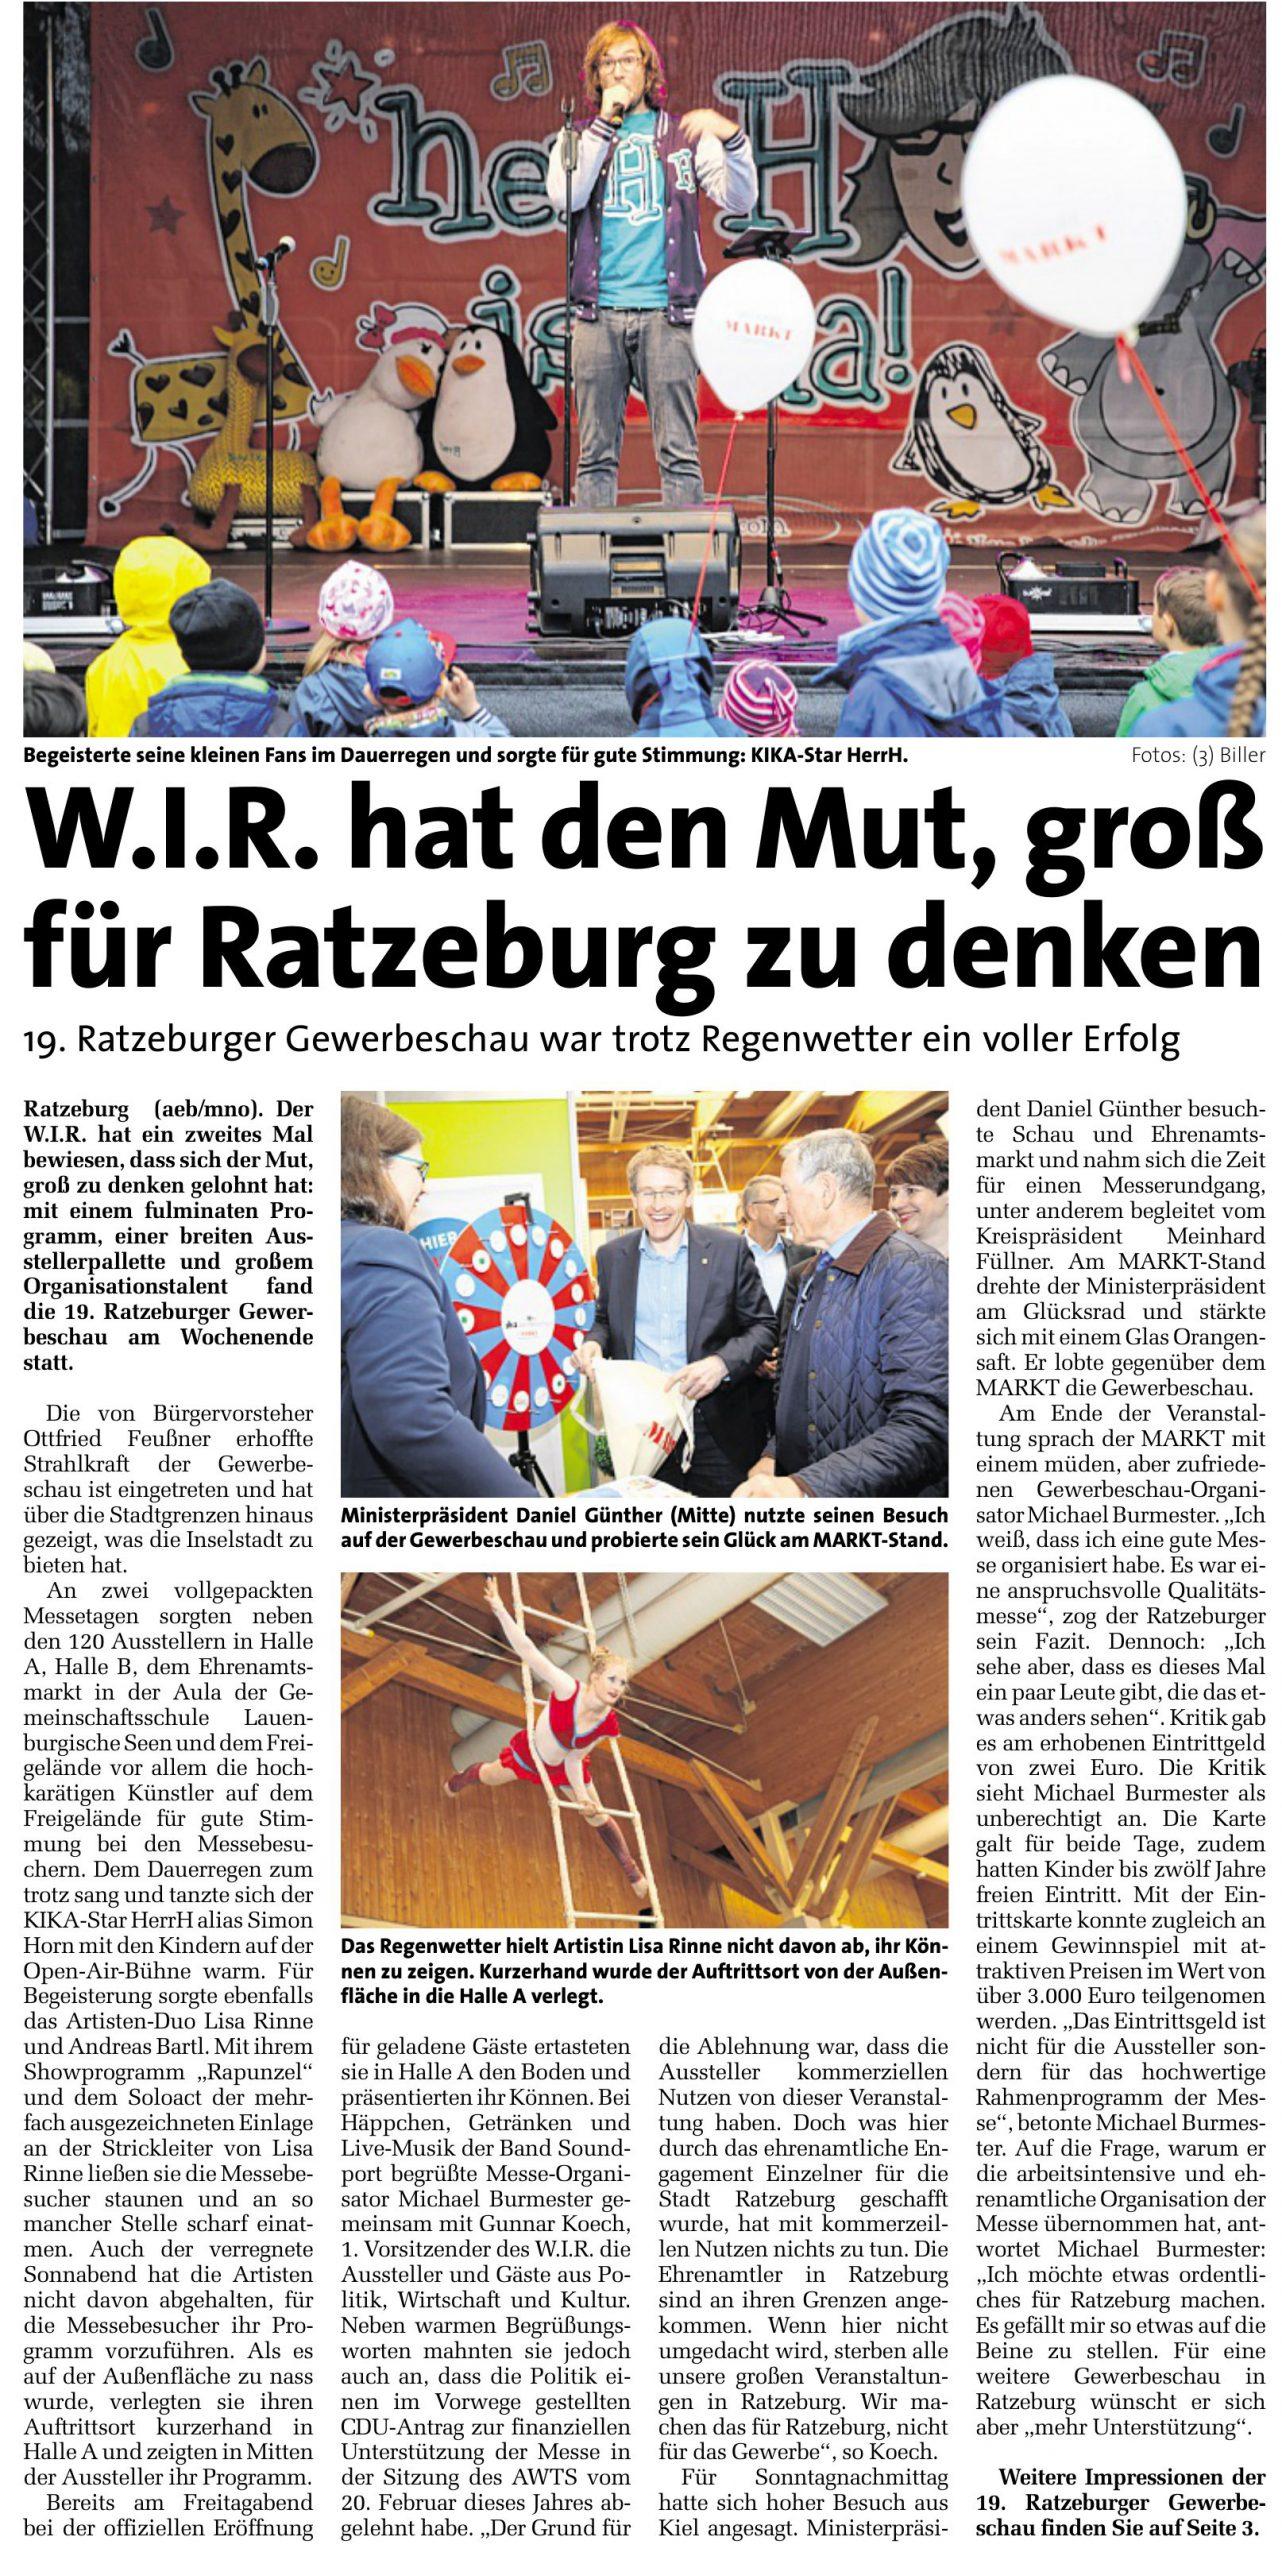 W.I.R. hat den Mut, groß für Ratzeburg zu denken